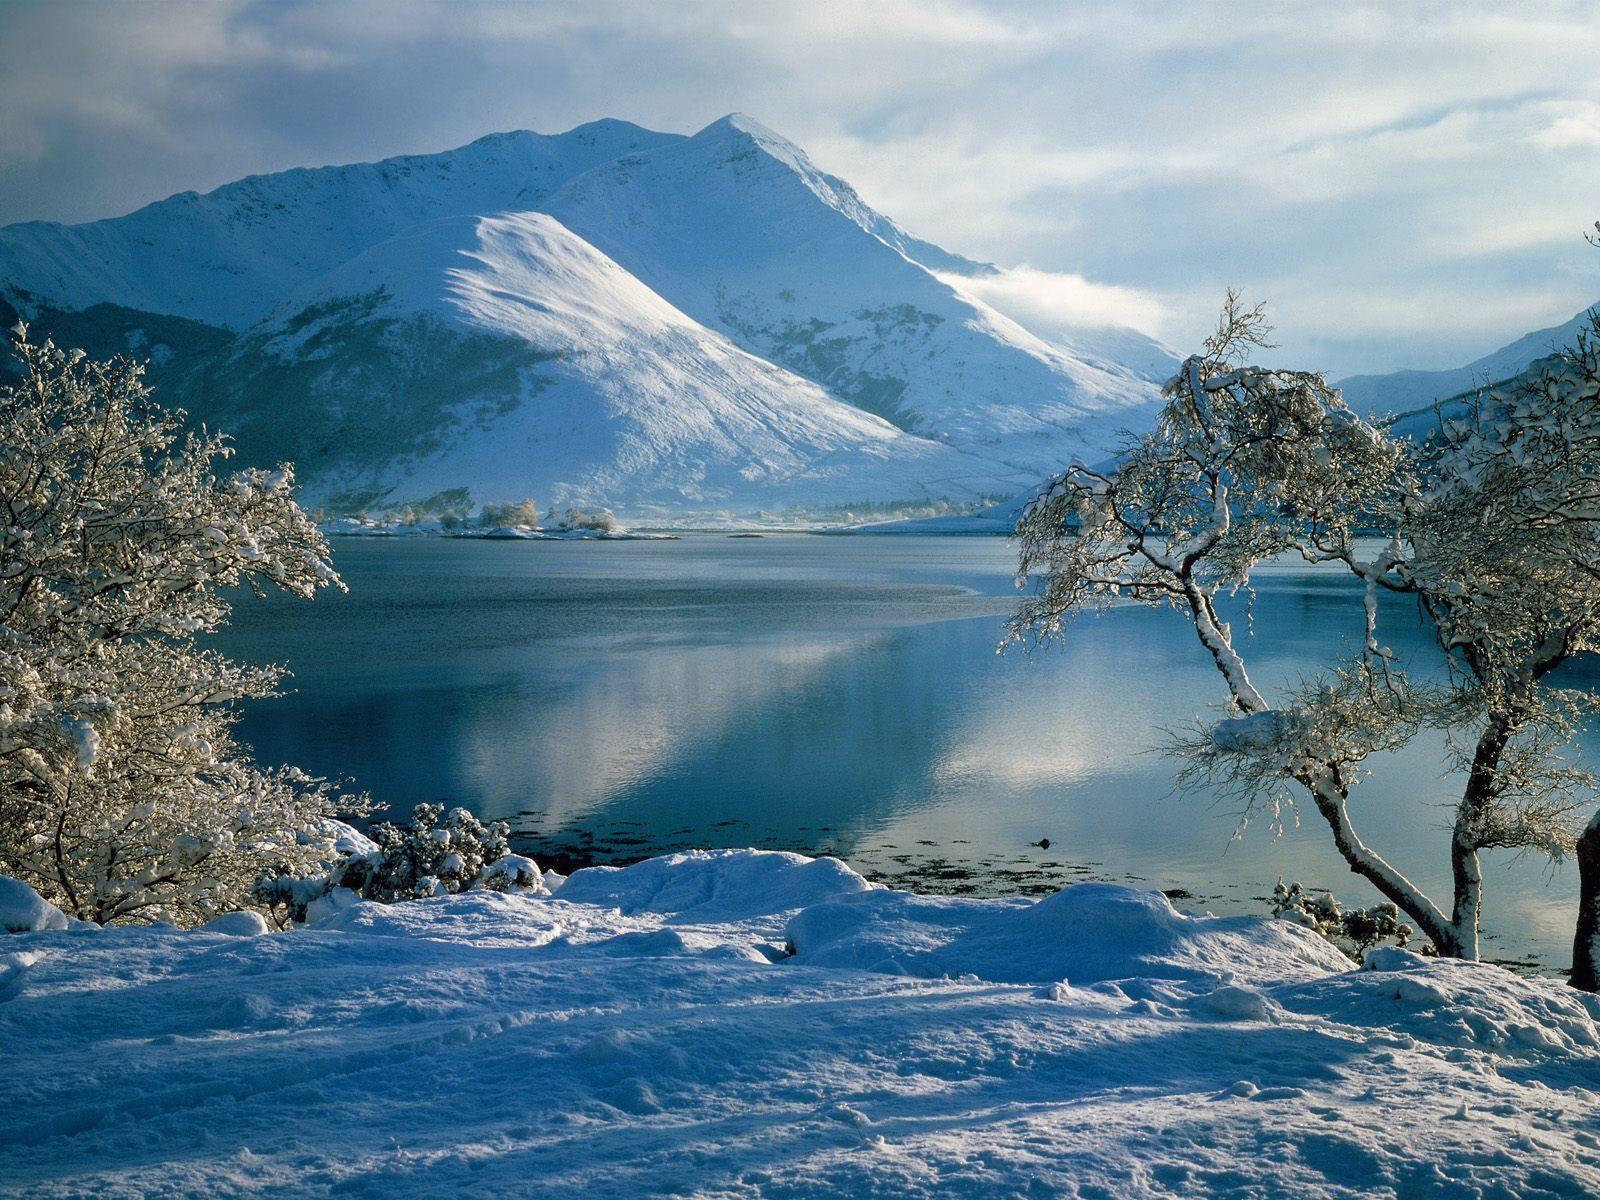 4 Kar manzaralı hd masaüstü resimleri